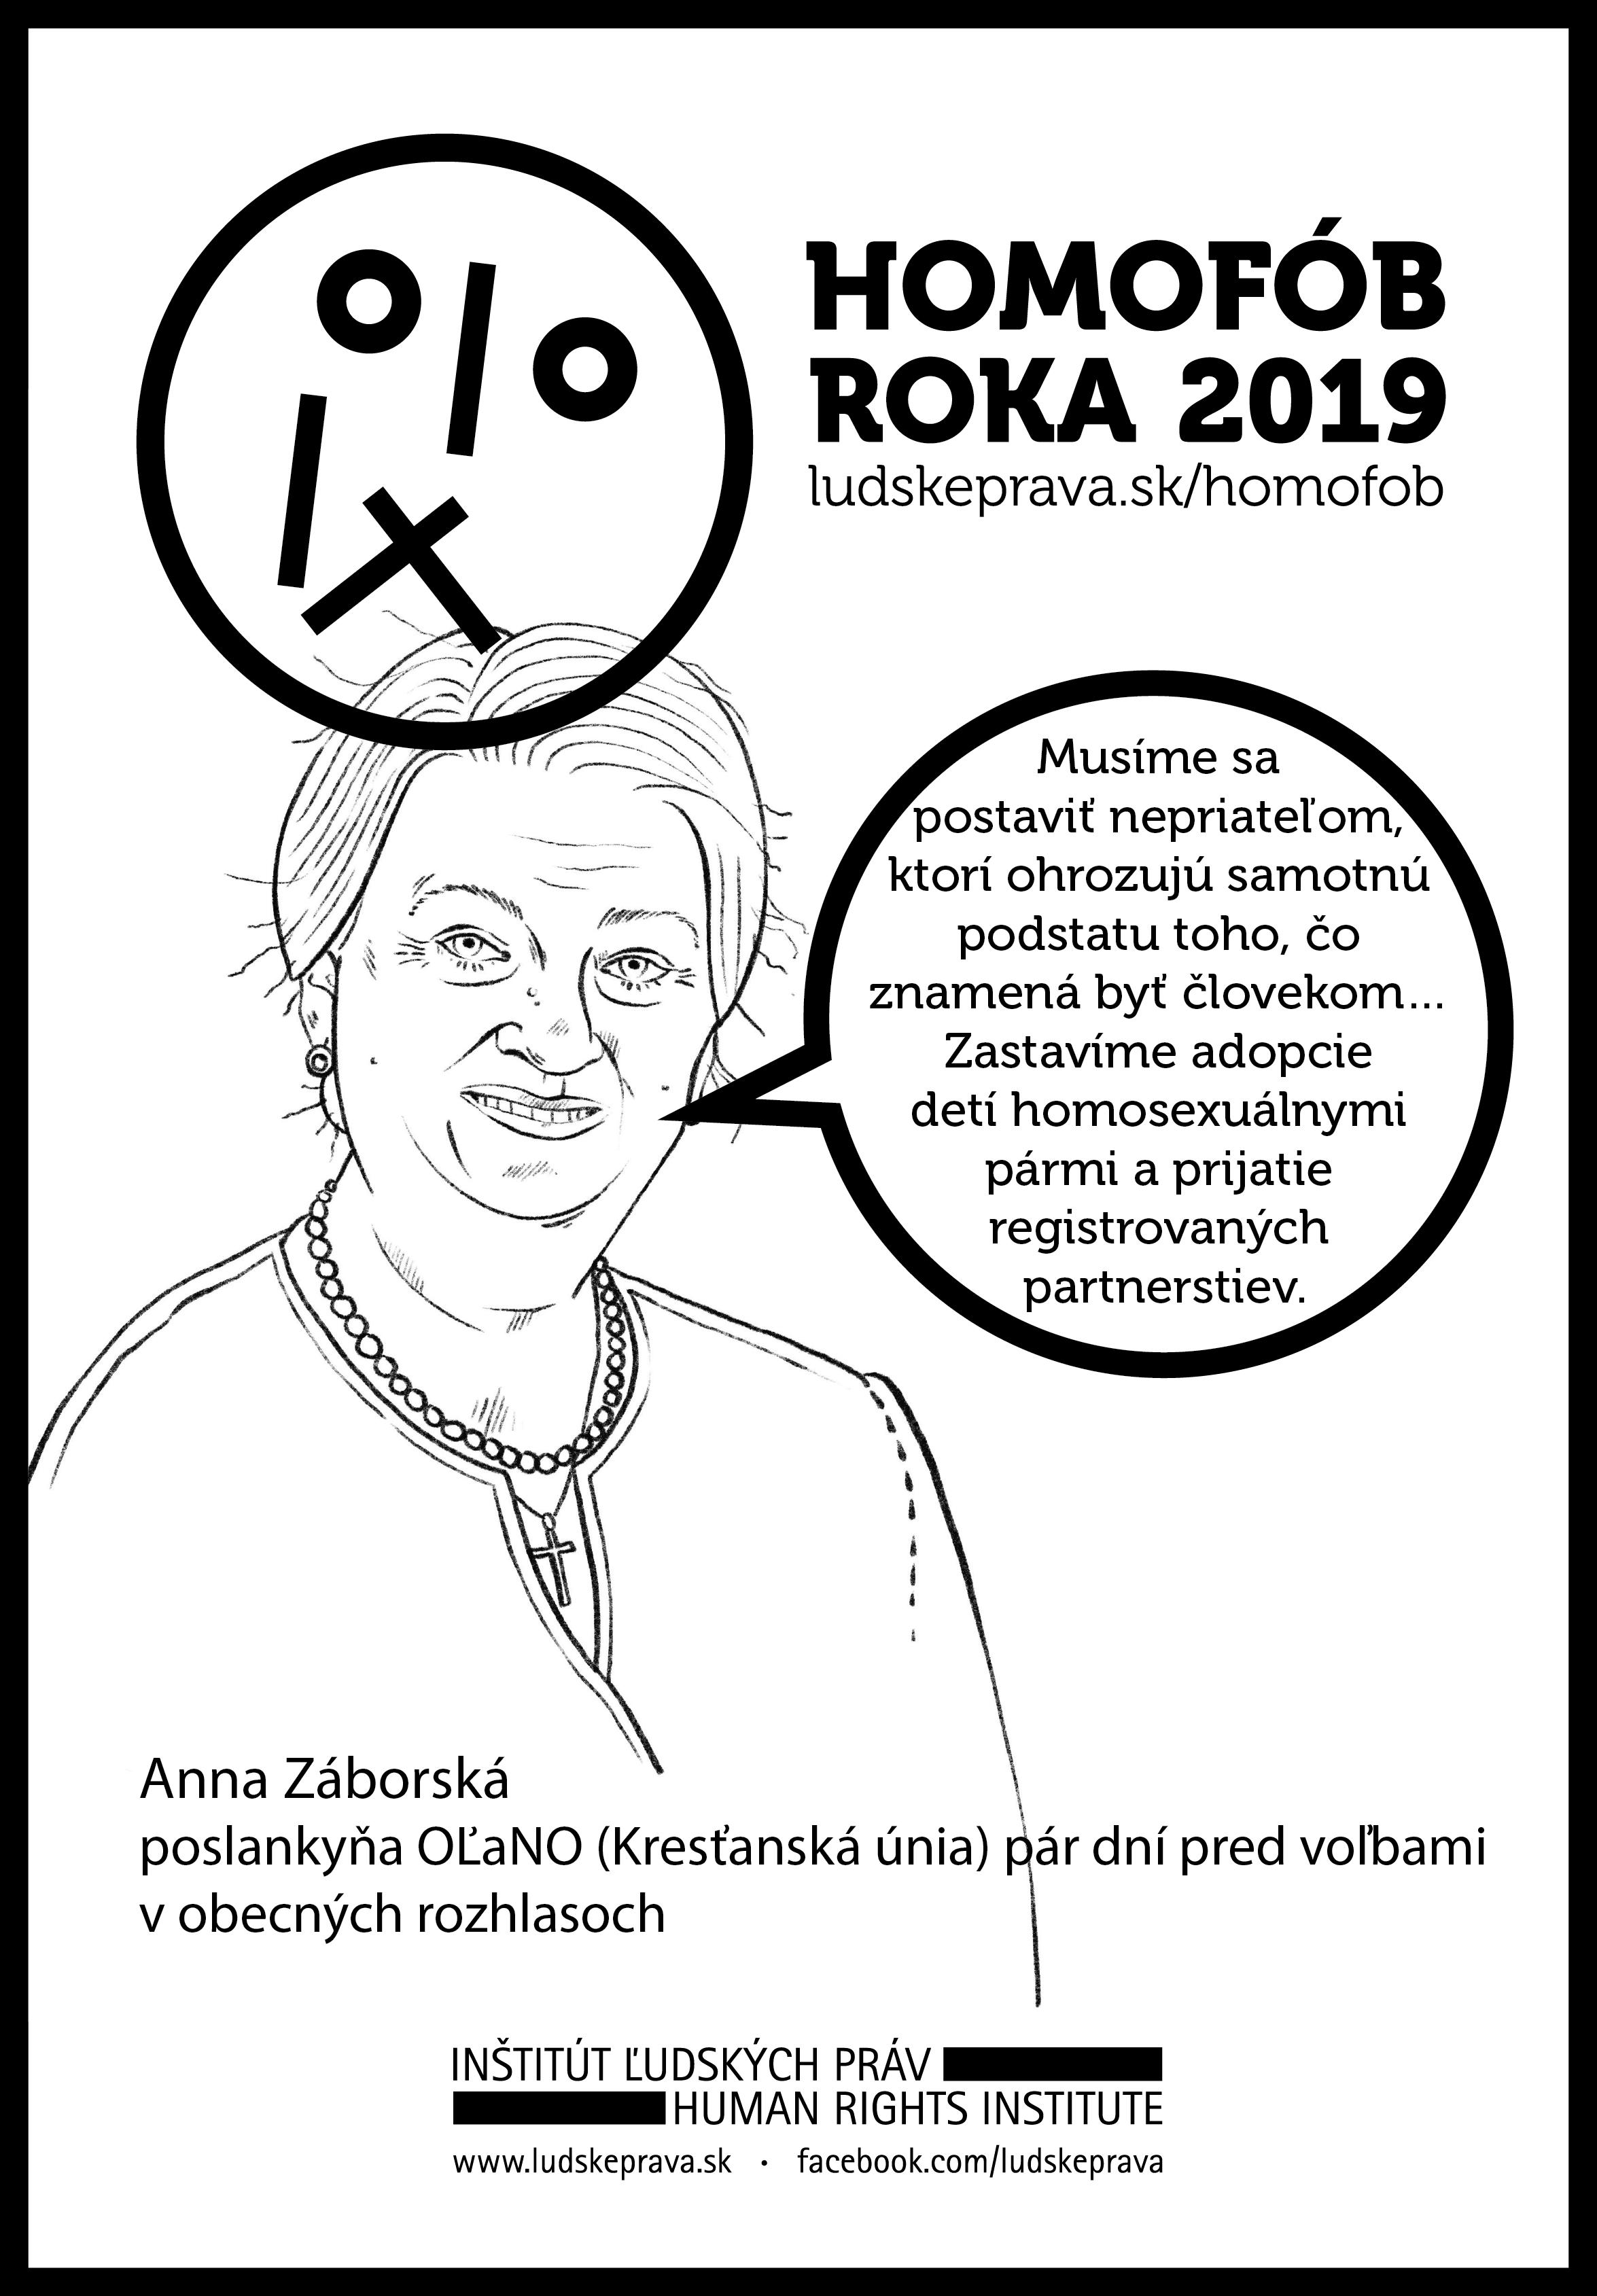 Homofob roka 2019